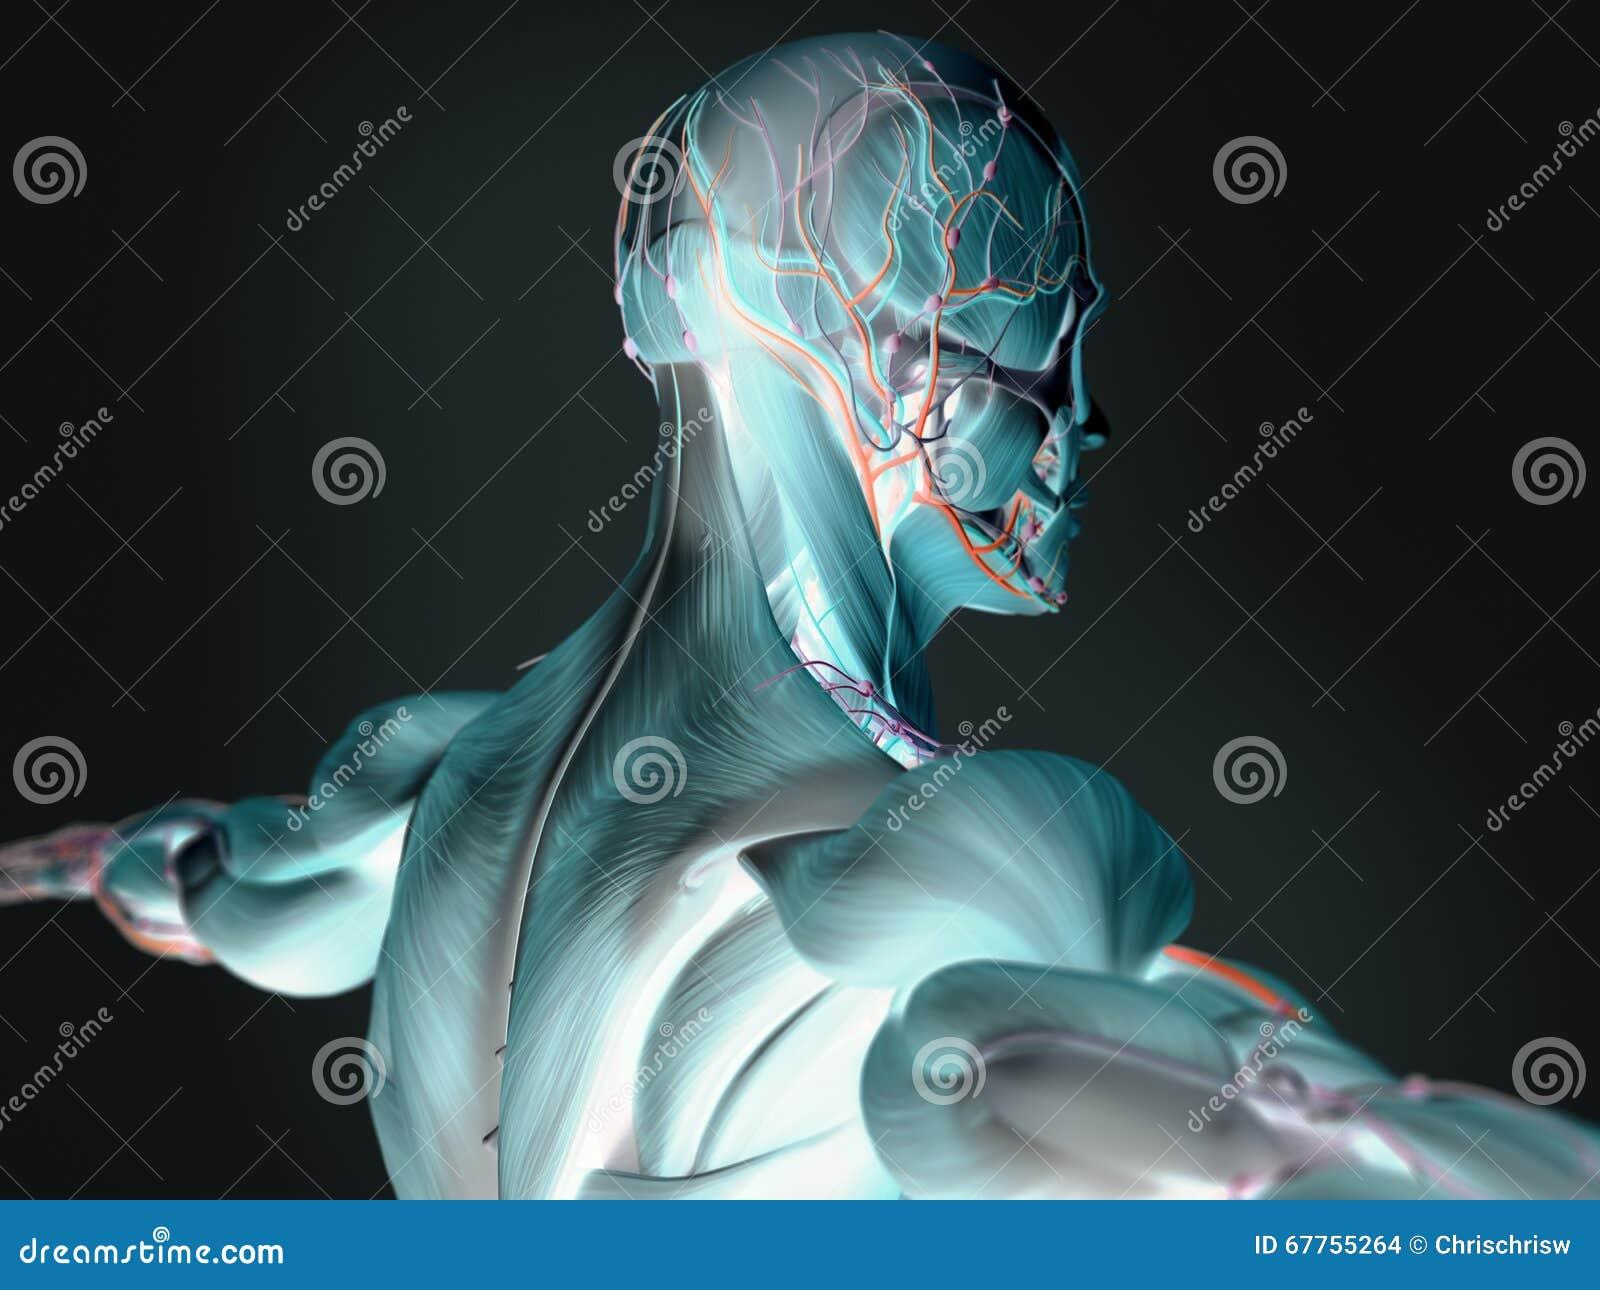 Bilder 3D Der Menschlichen Anatomie Stockfoto - Bild von zeichnung ...